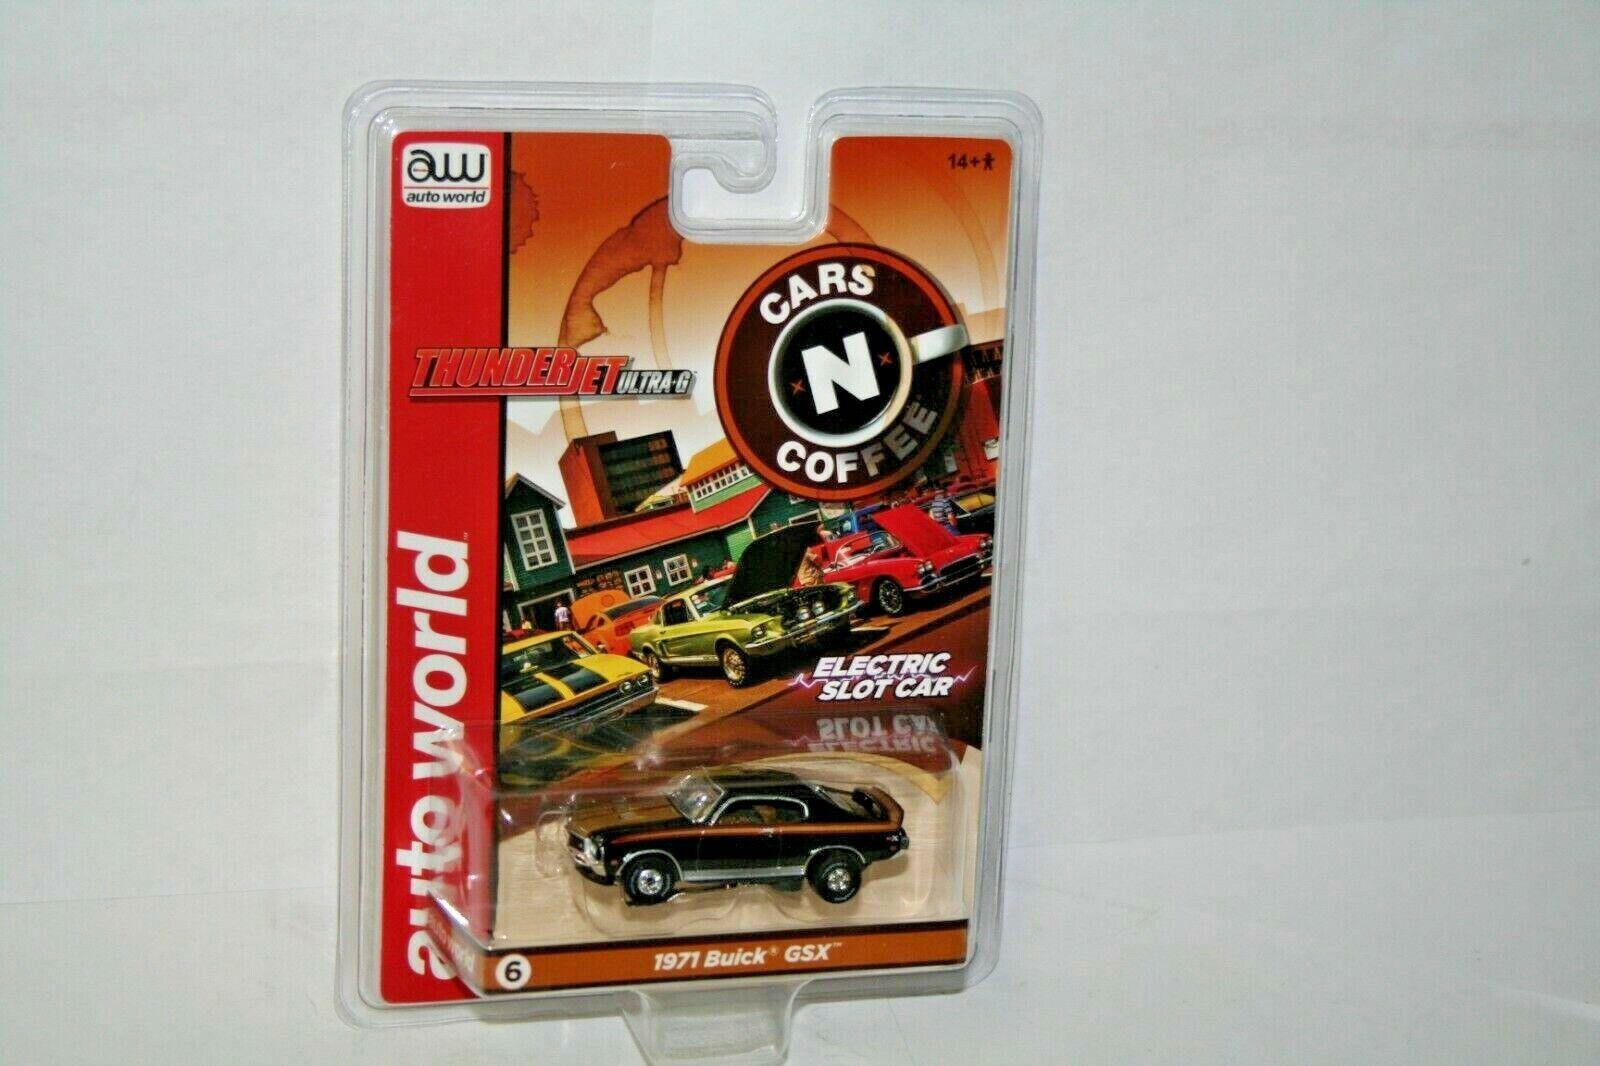 Auto World Rare AFX AURORA CARS N COFFEE 71 BUICK GSX HO SCA